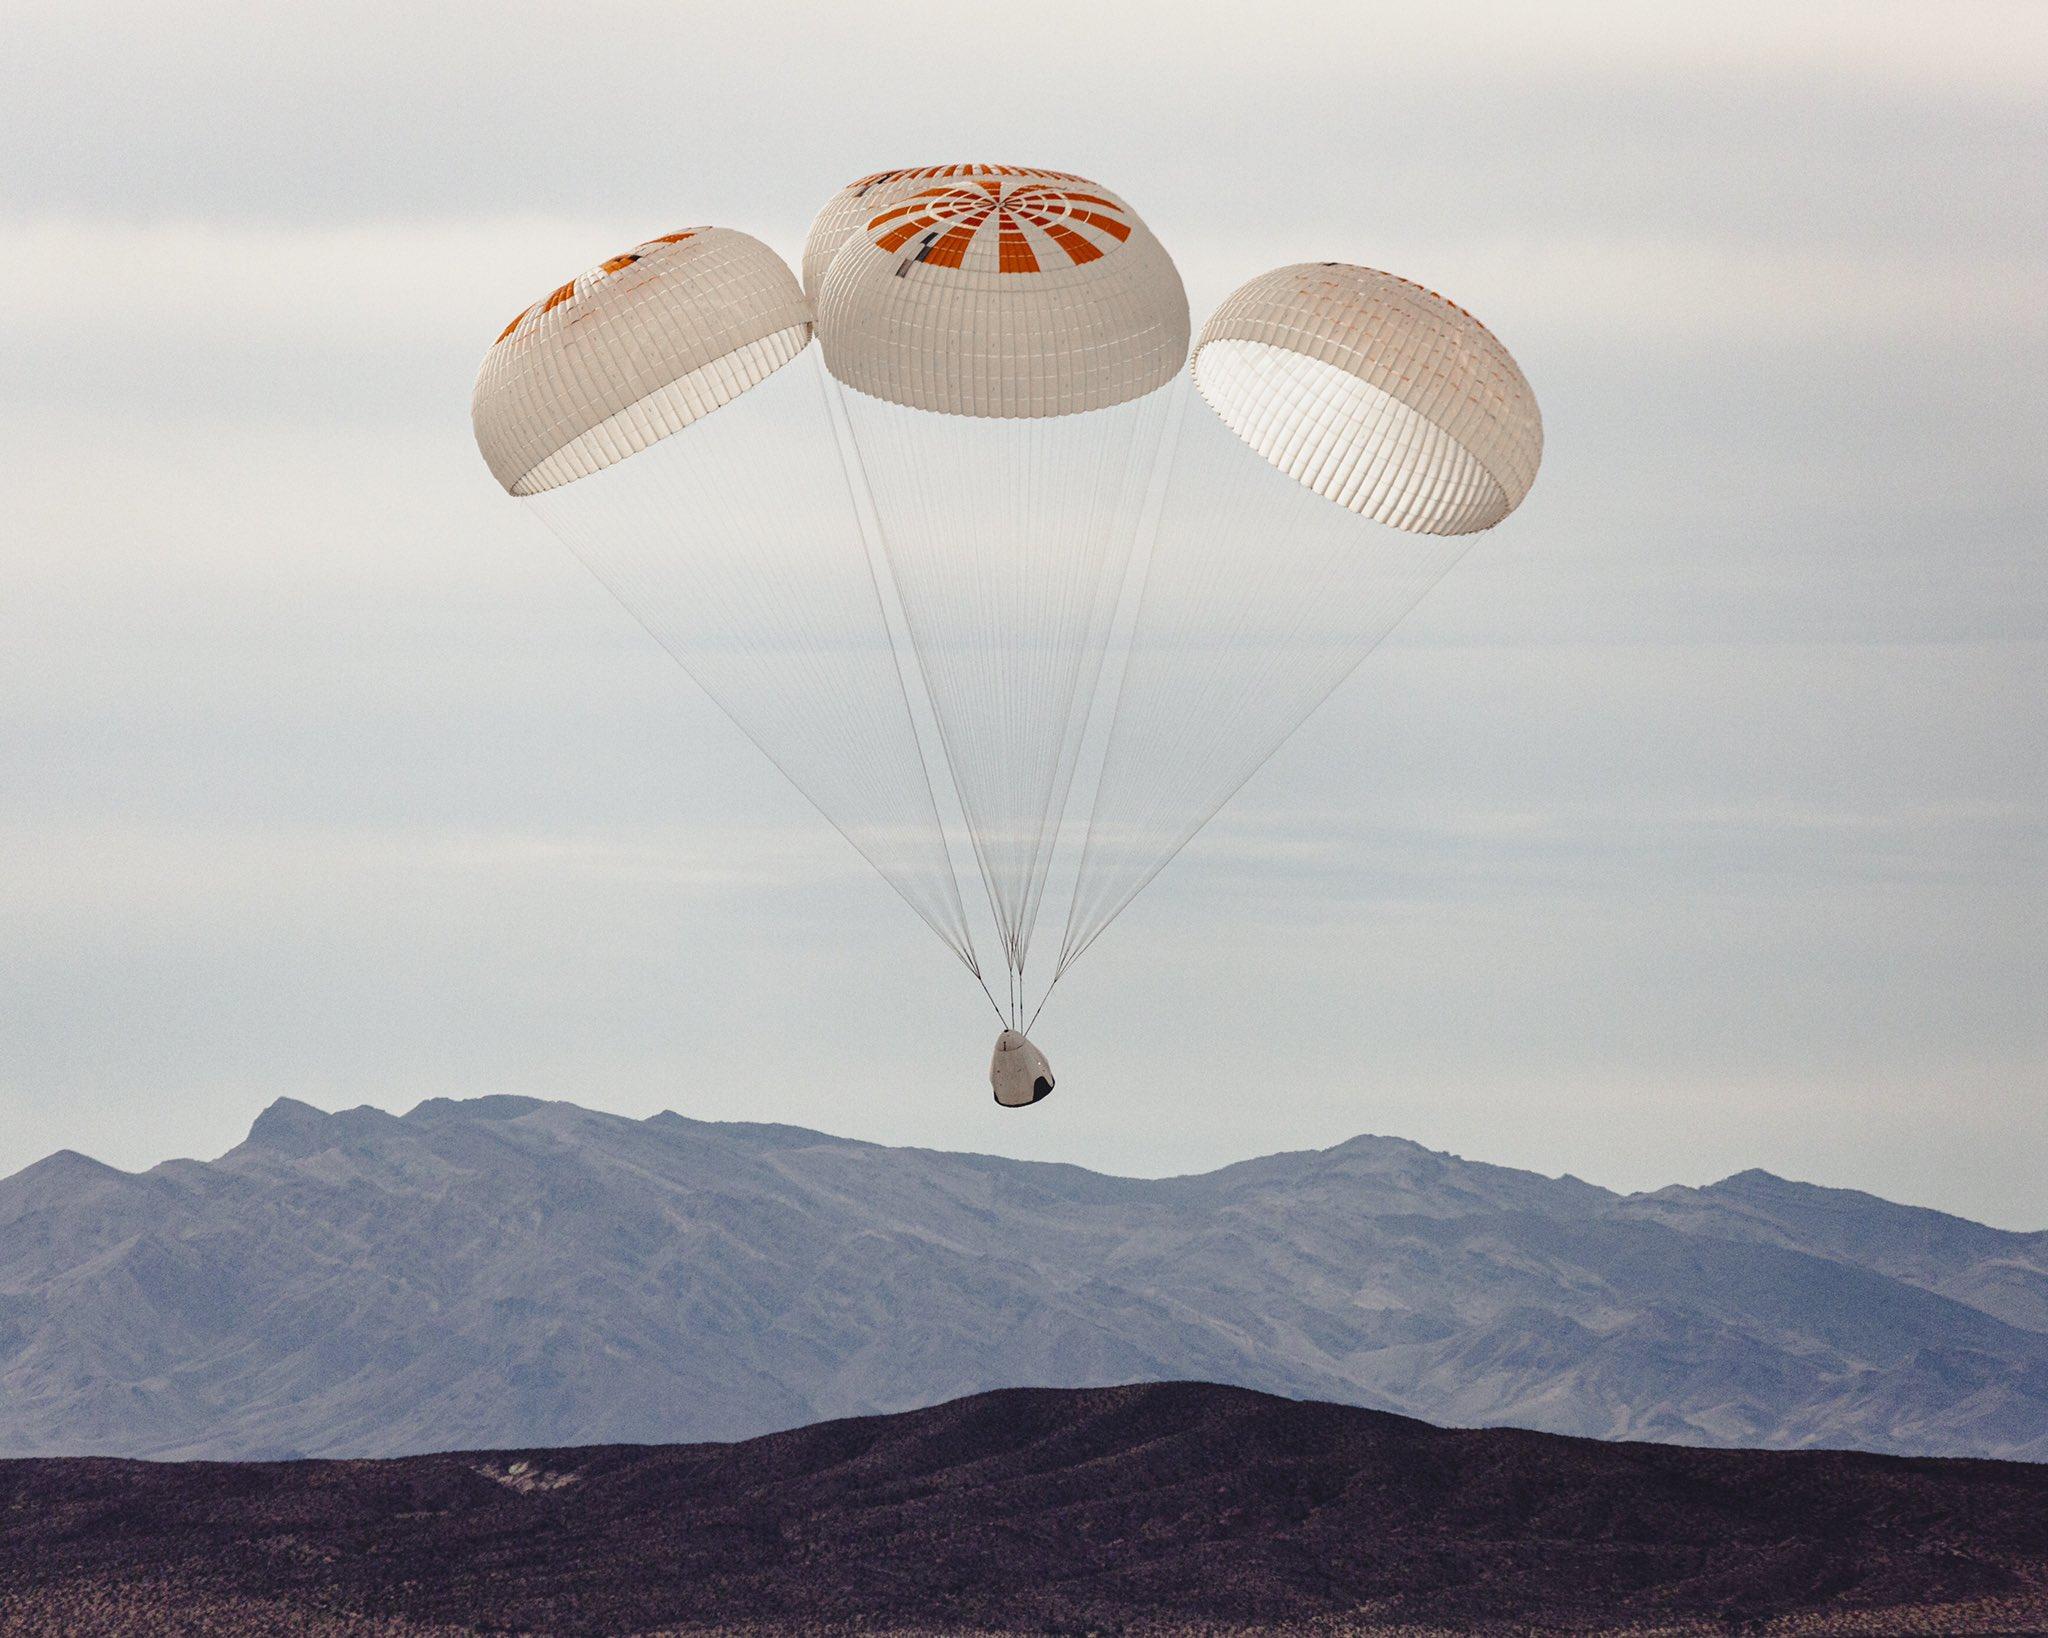 Crew Dragon Mk3 four parachute testing Dec 2019 (SpaceX) 10th test 1